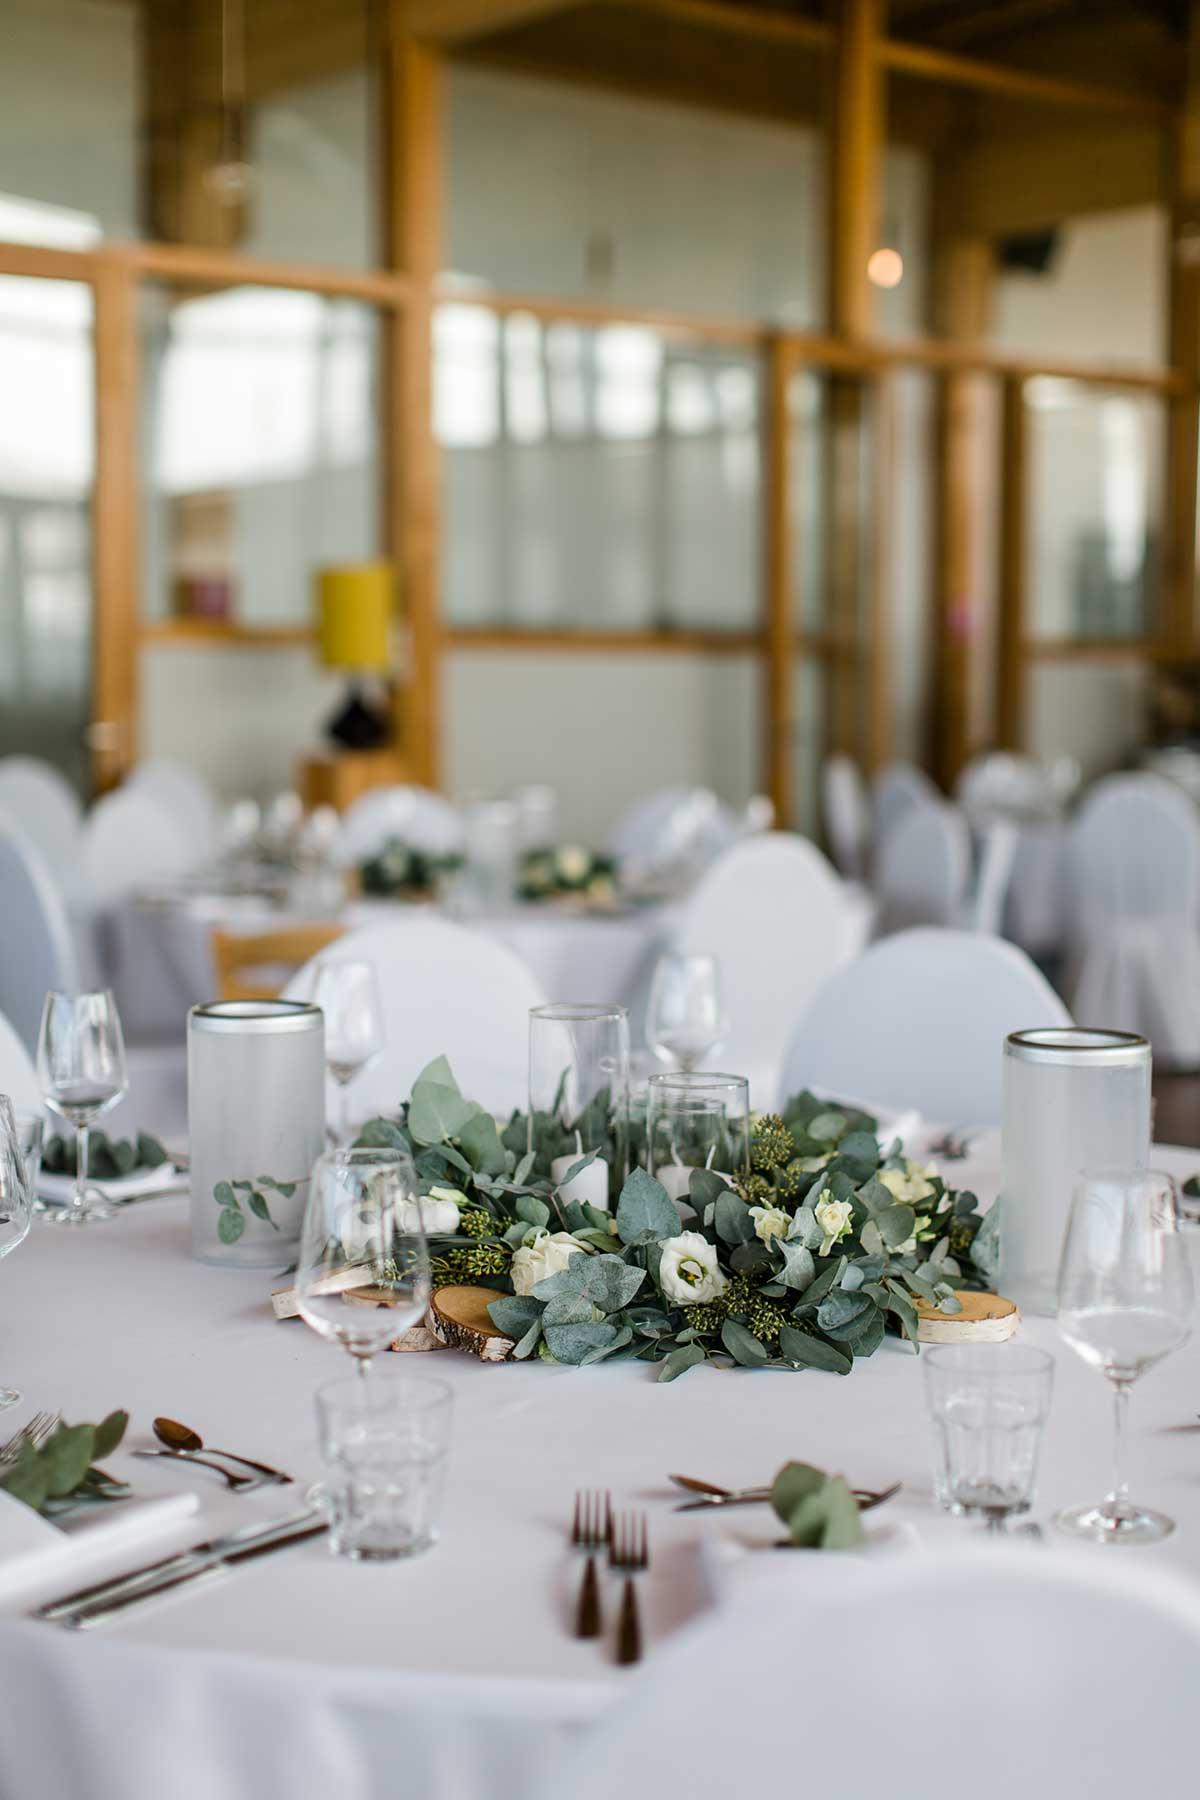 Tischdeko bei der Greenery Chic Hochzeit